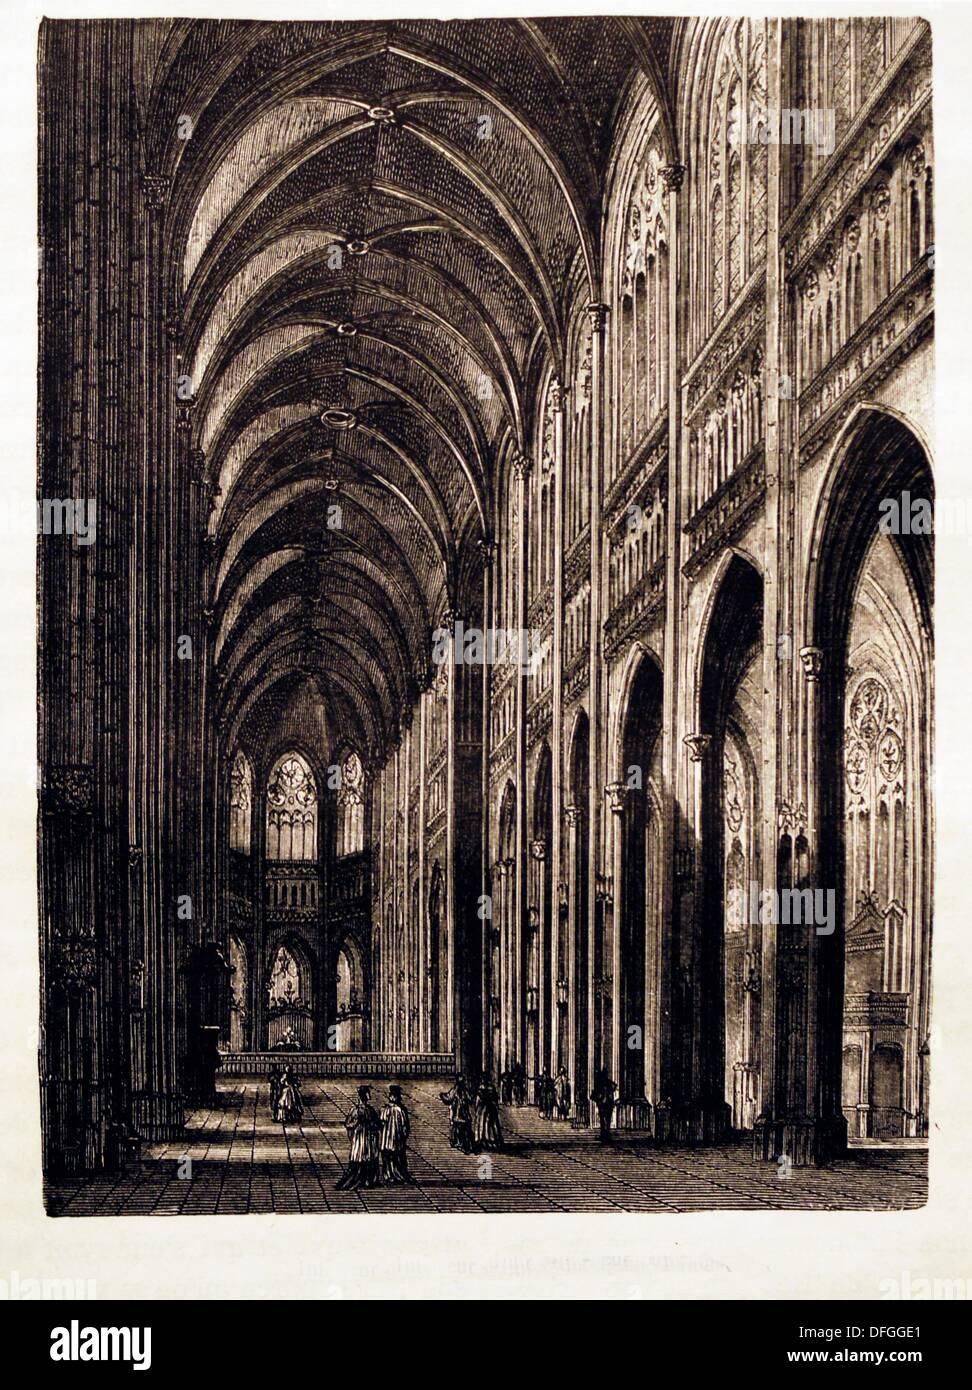 Frankreich-Geschichte-´Interieur de L´église Saint-Oen, À Rouen´: die Kirche von St-Ouen ist eine große gotische römisch-katholische Kirche in Stockbild